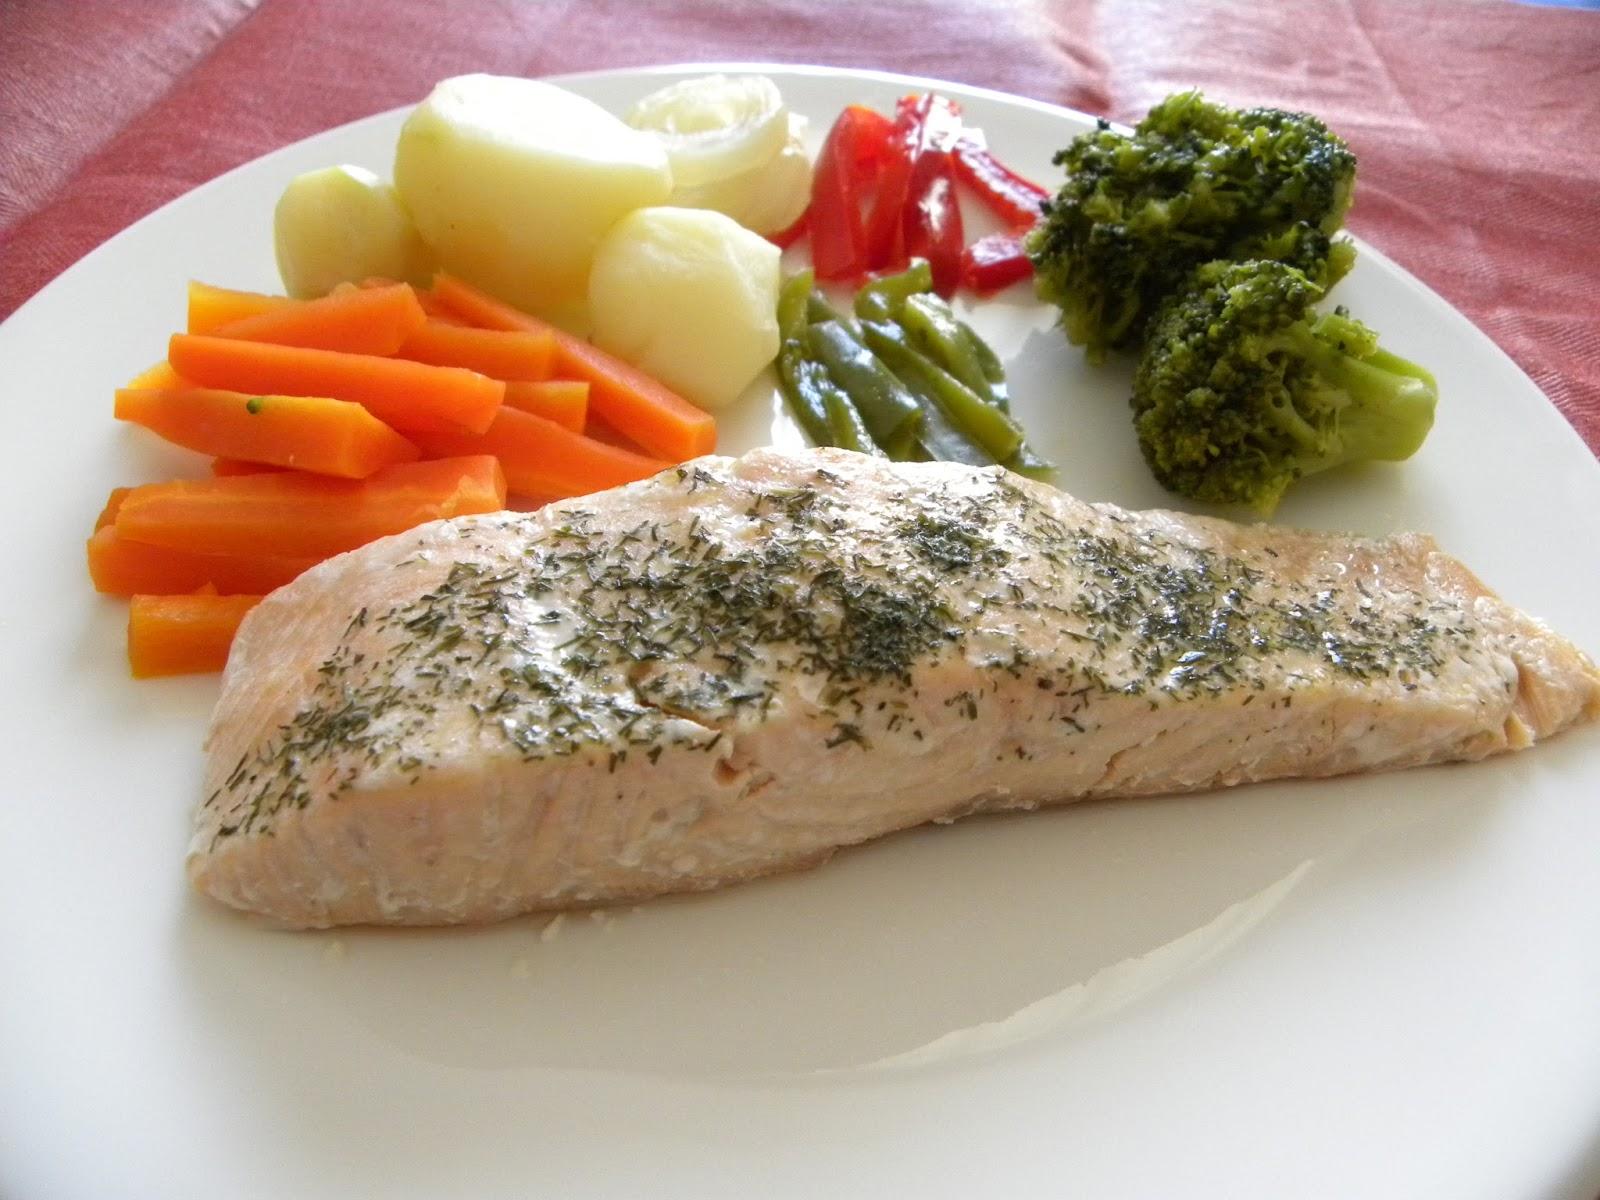 Trasteando en mi cocina salm n al vapor con verduras for Que cocinar con verduras